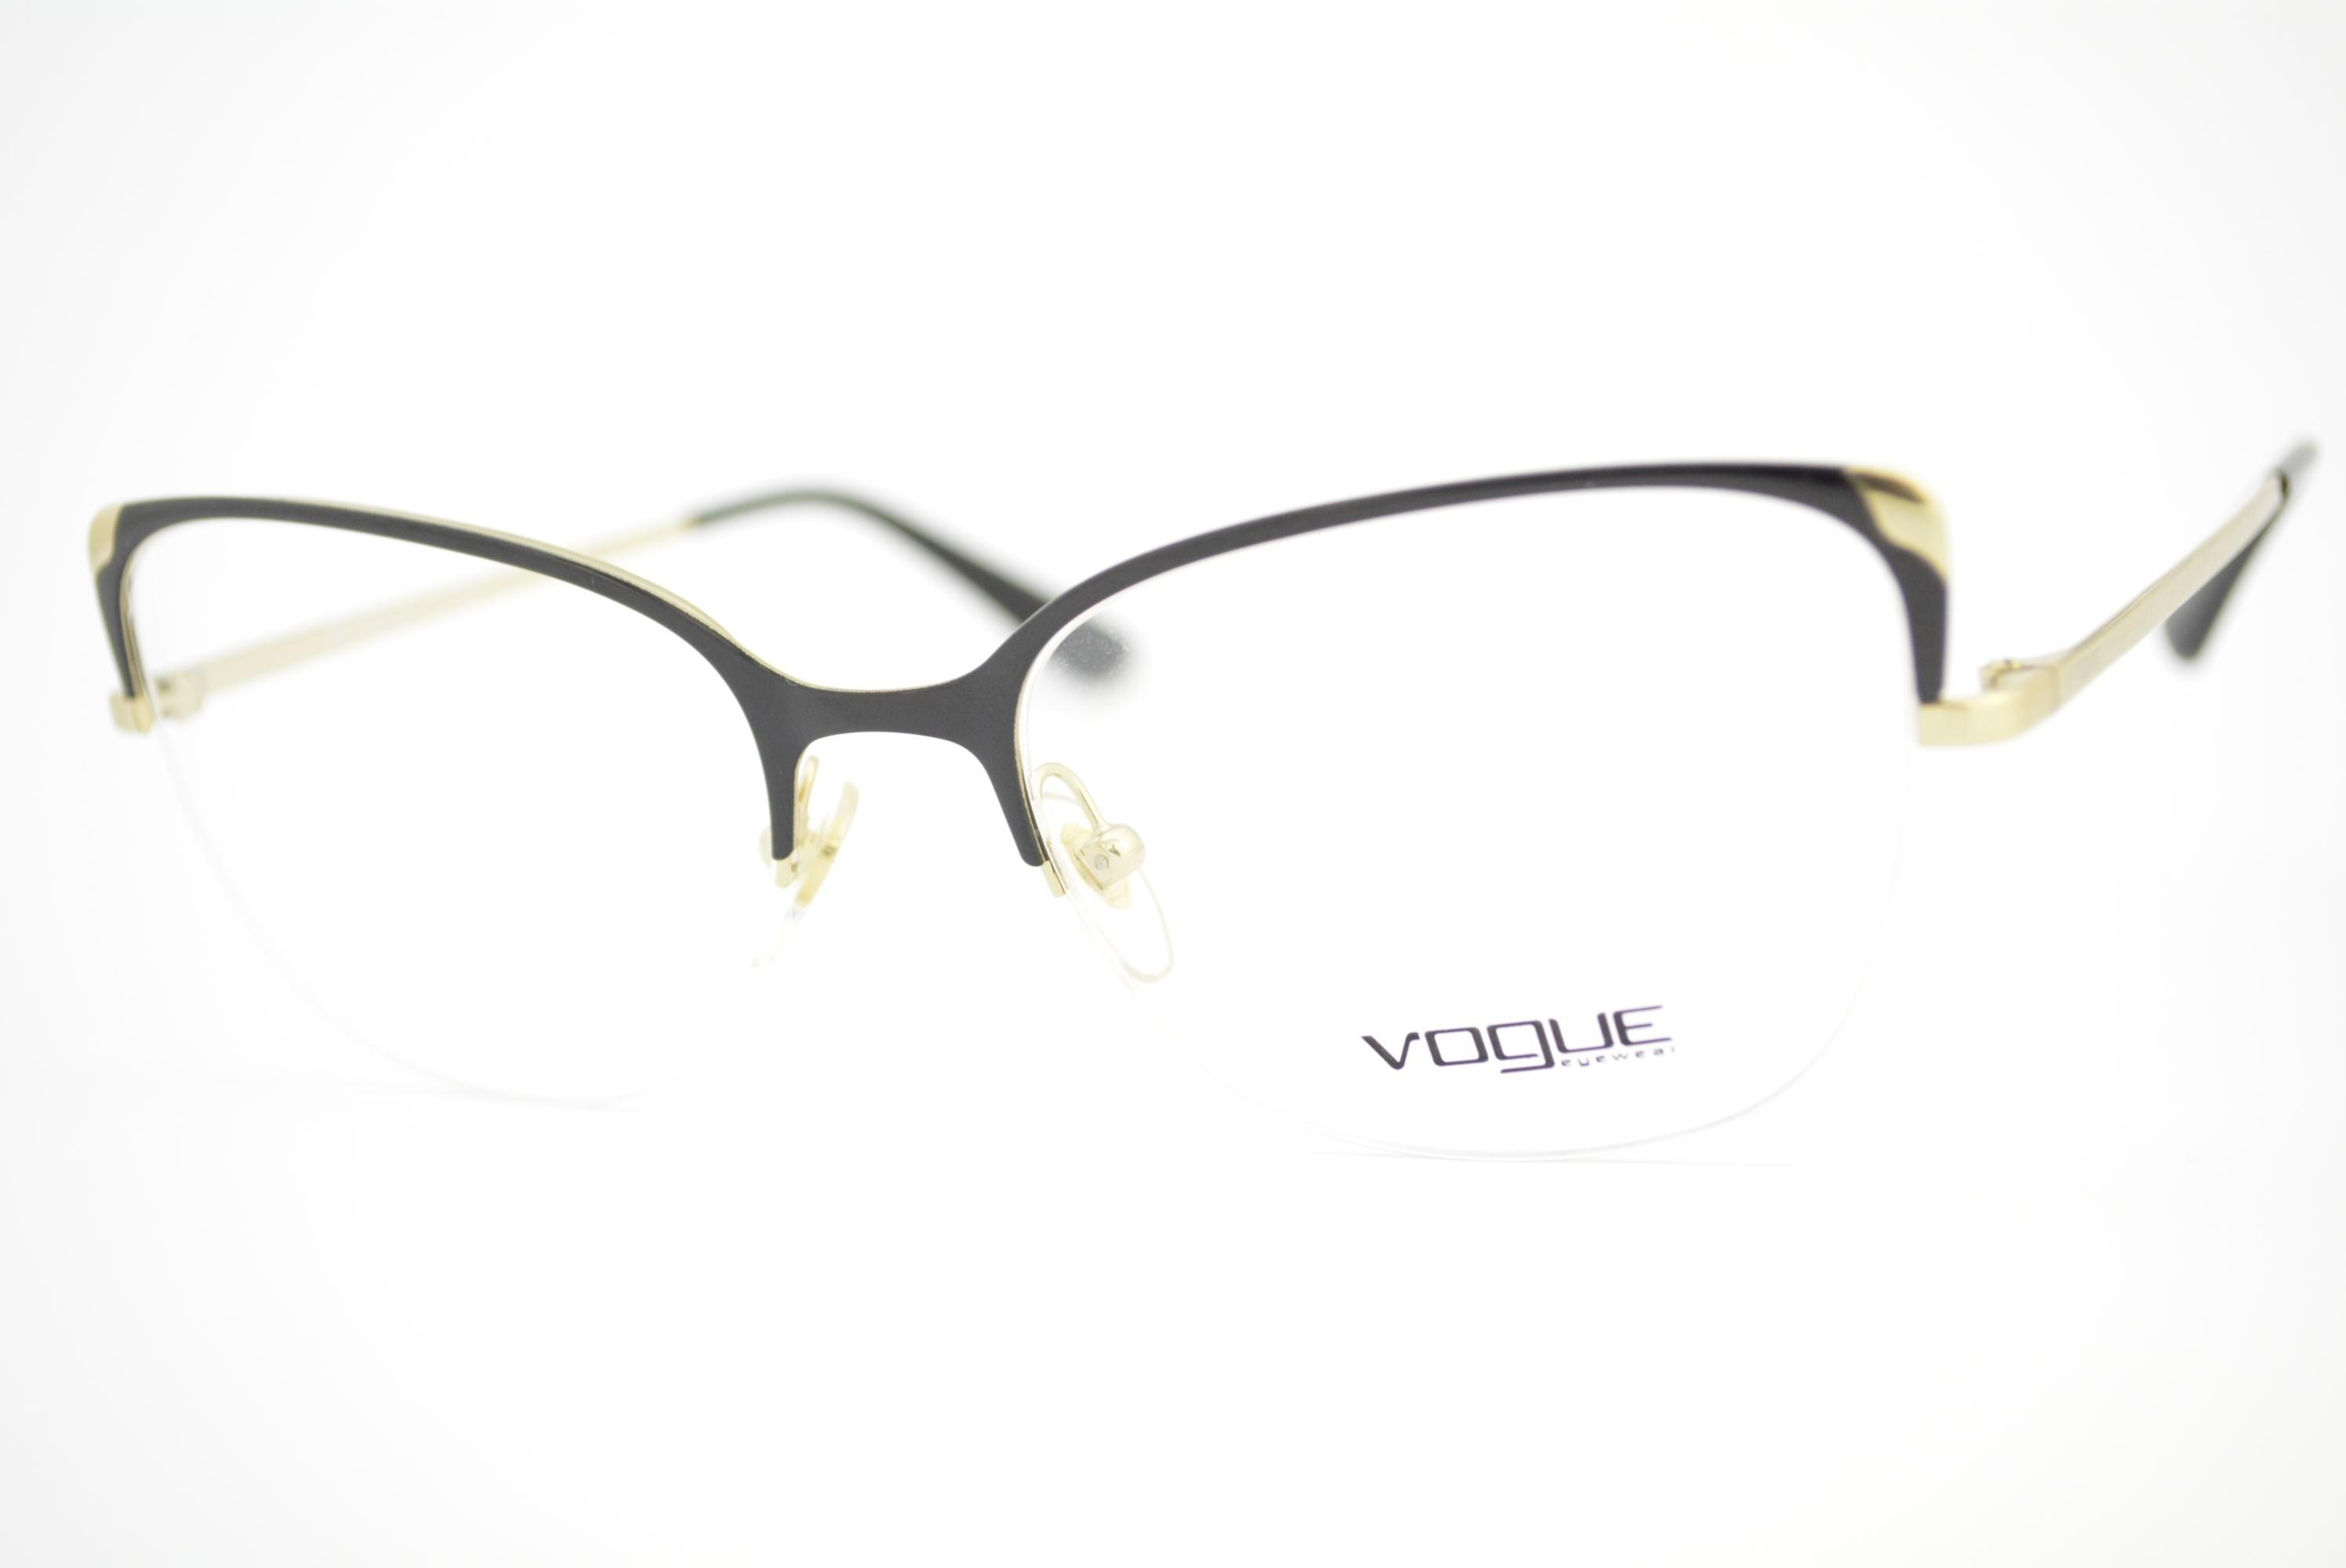 479fccc23 armação de óculos Vogue mod vo4077 352 Ótica Cardoso